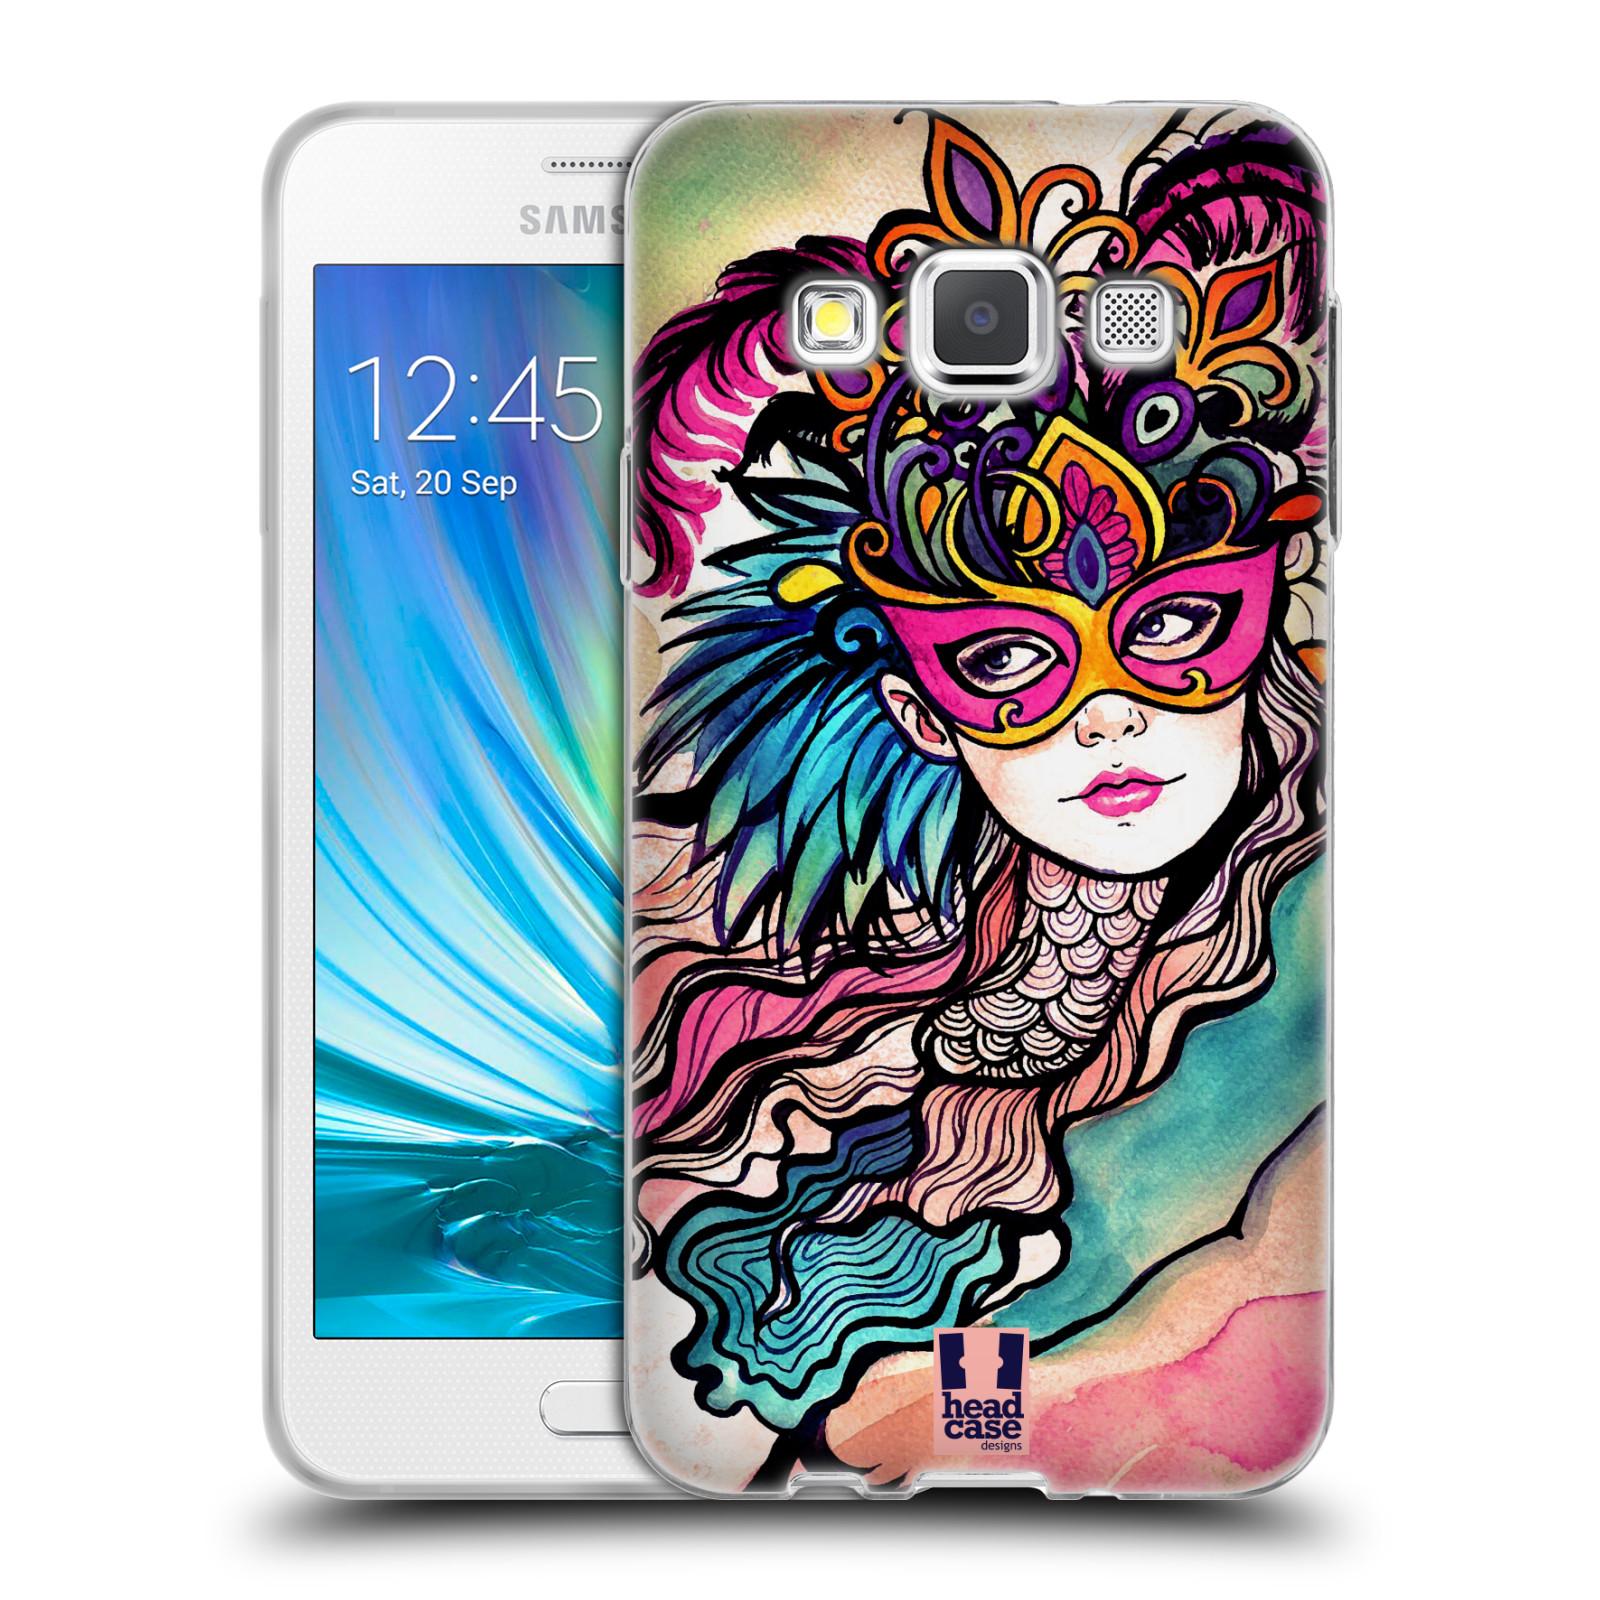 HEAD CASE silikonový obal na mobil Samsung Galaxy A3 vzor Maškarní ples masky kreslené vzory růžová